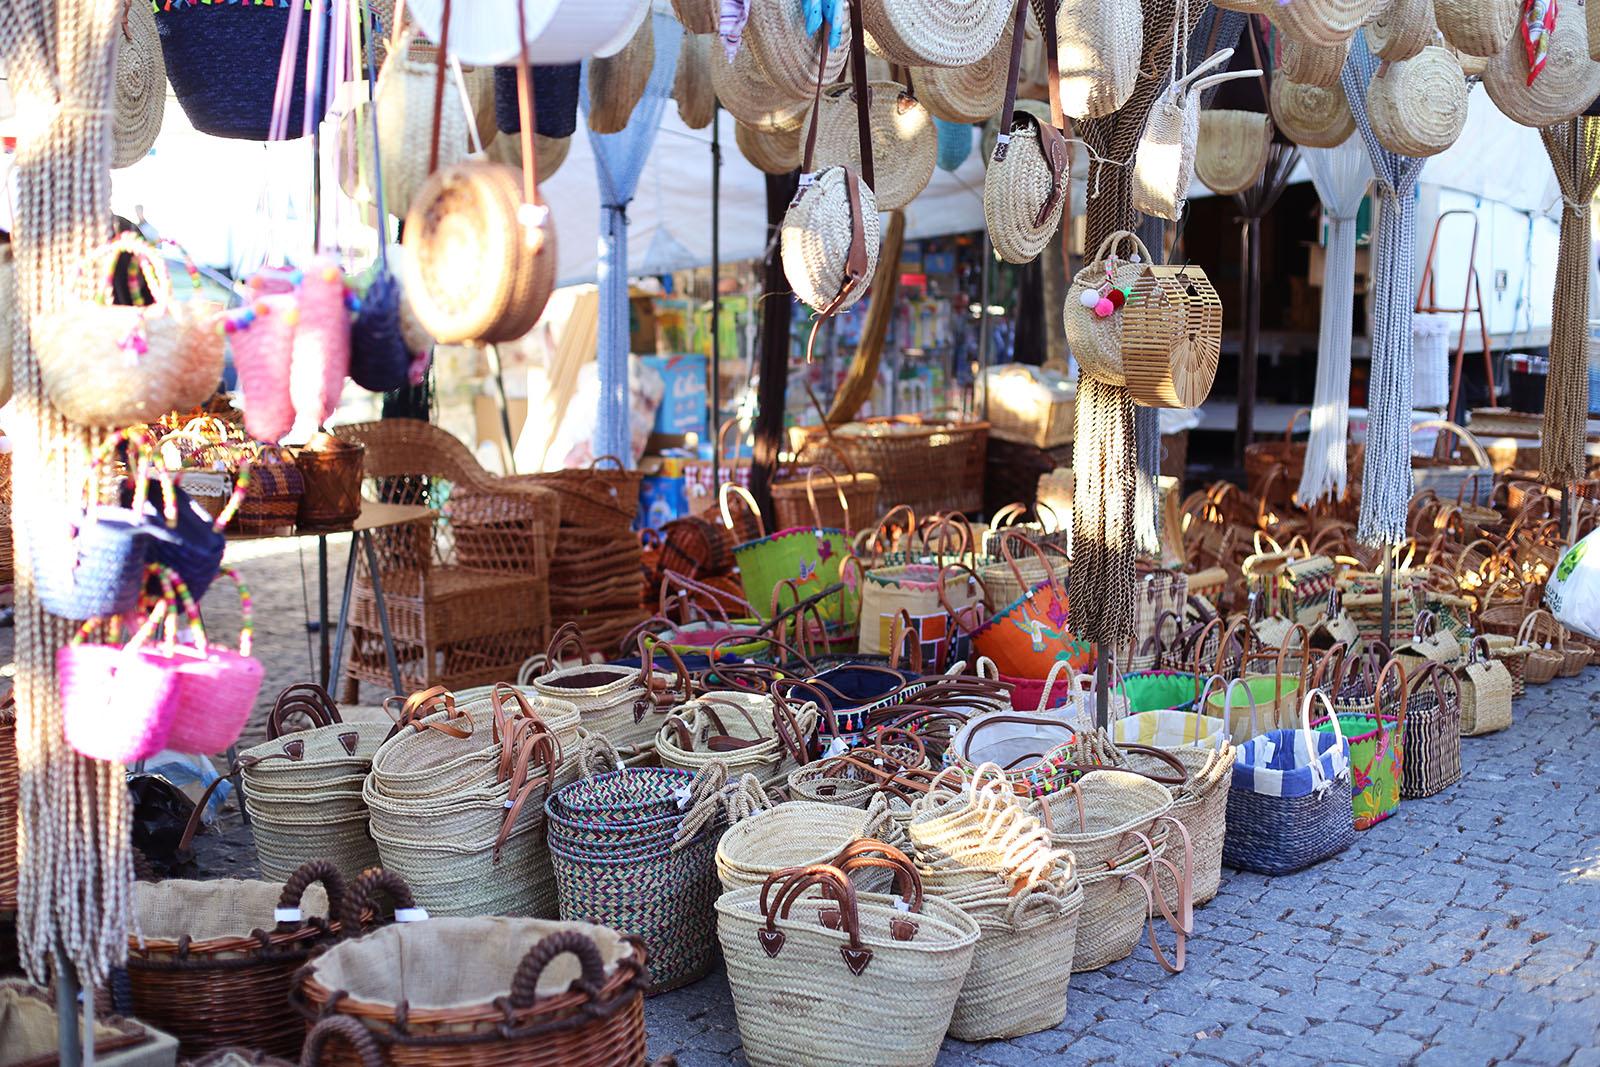 Jak wygląda regionalny rynek w Portugalii - Espinho